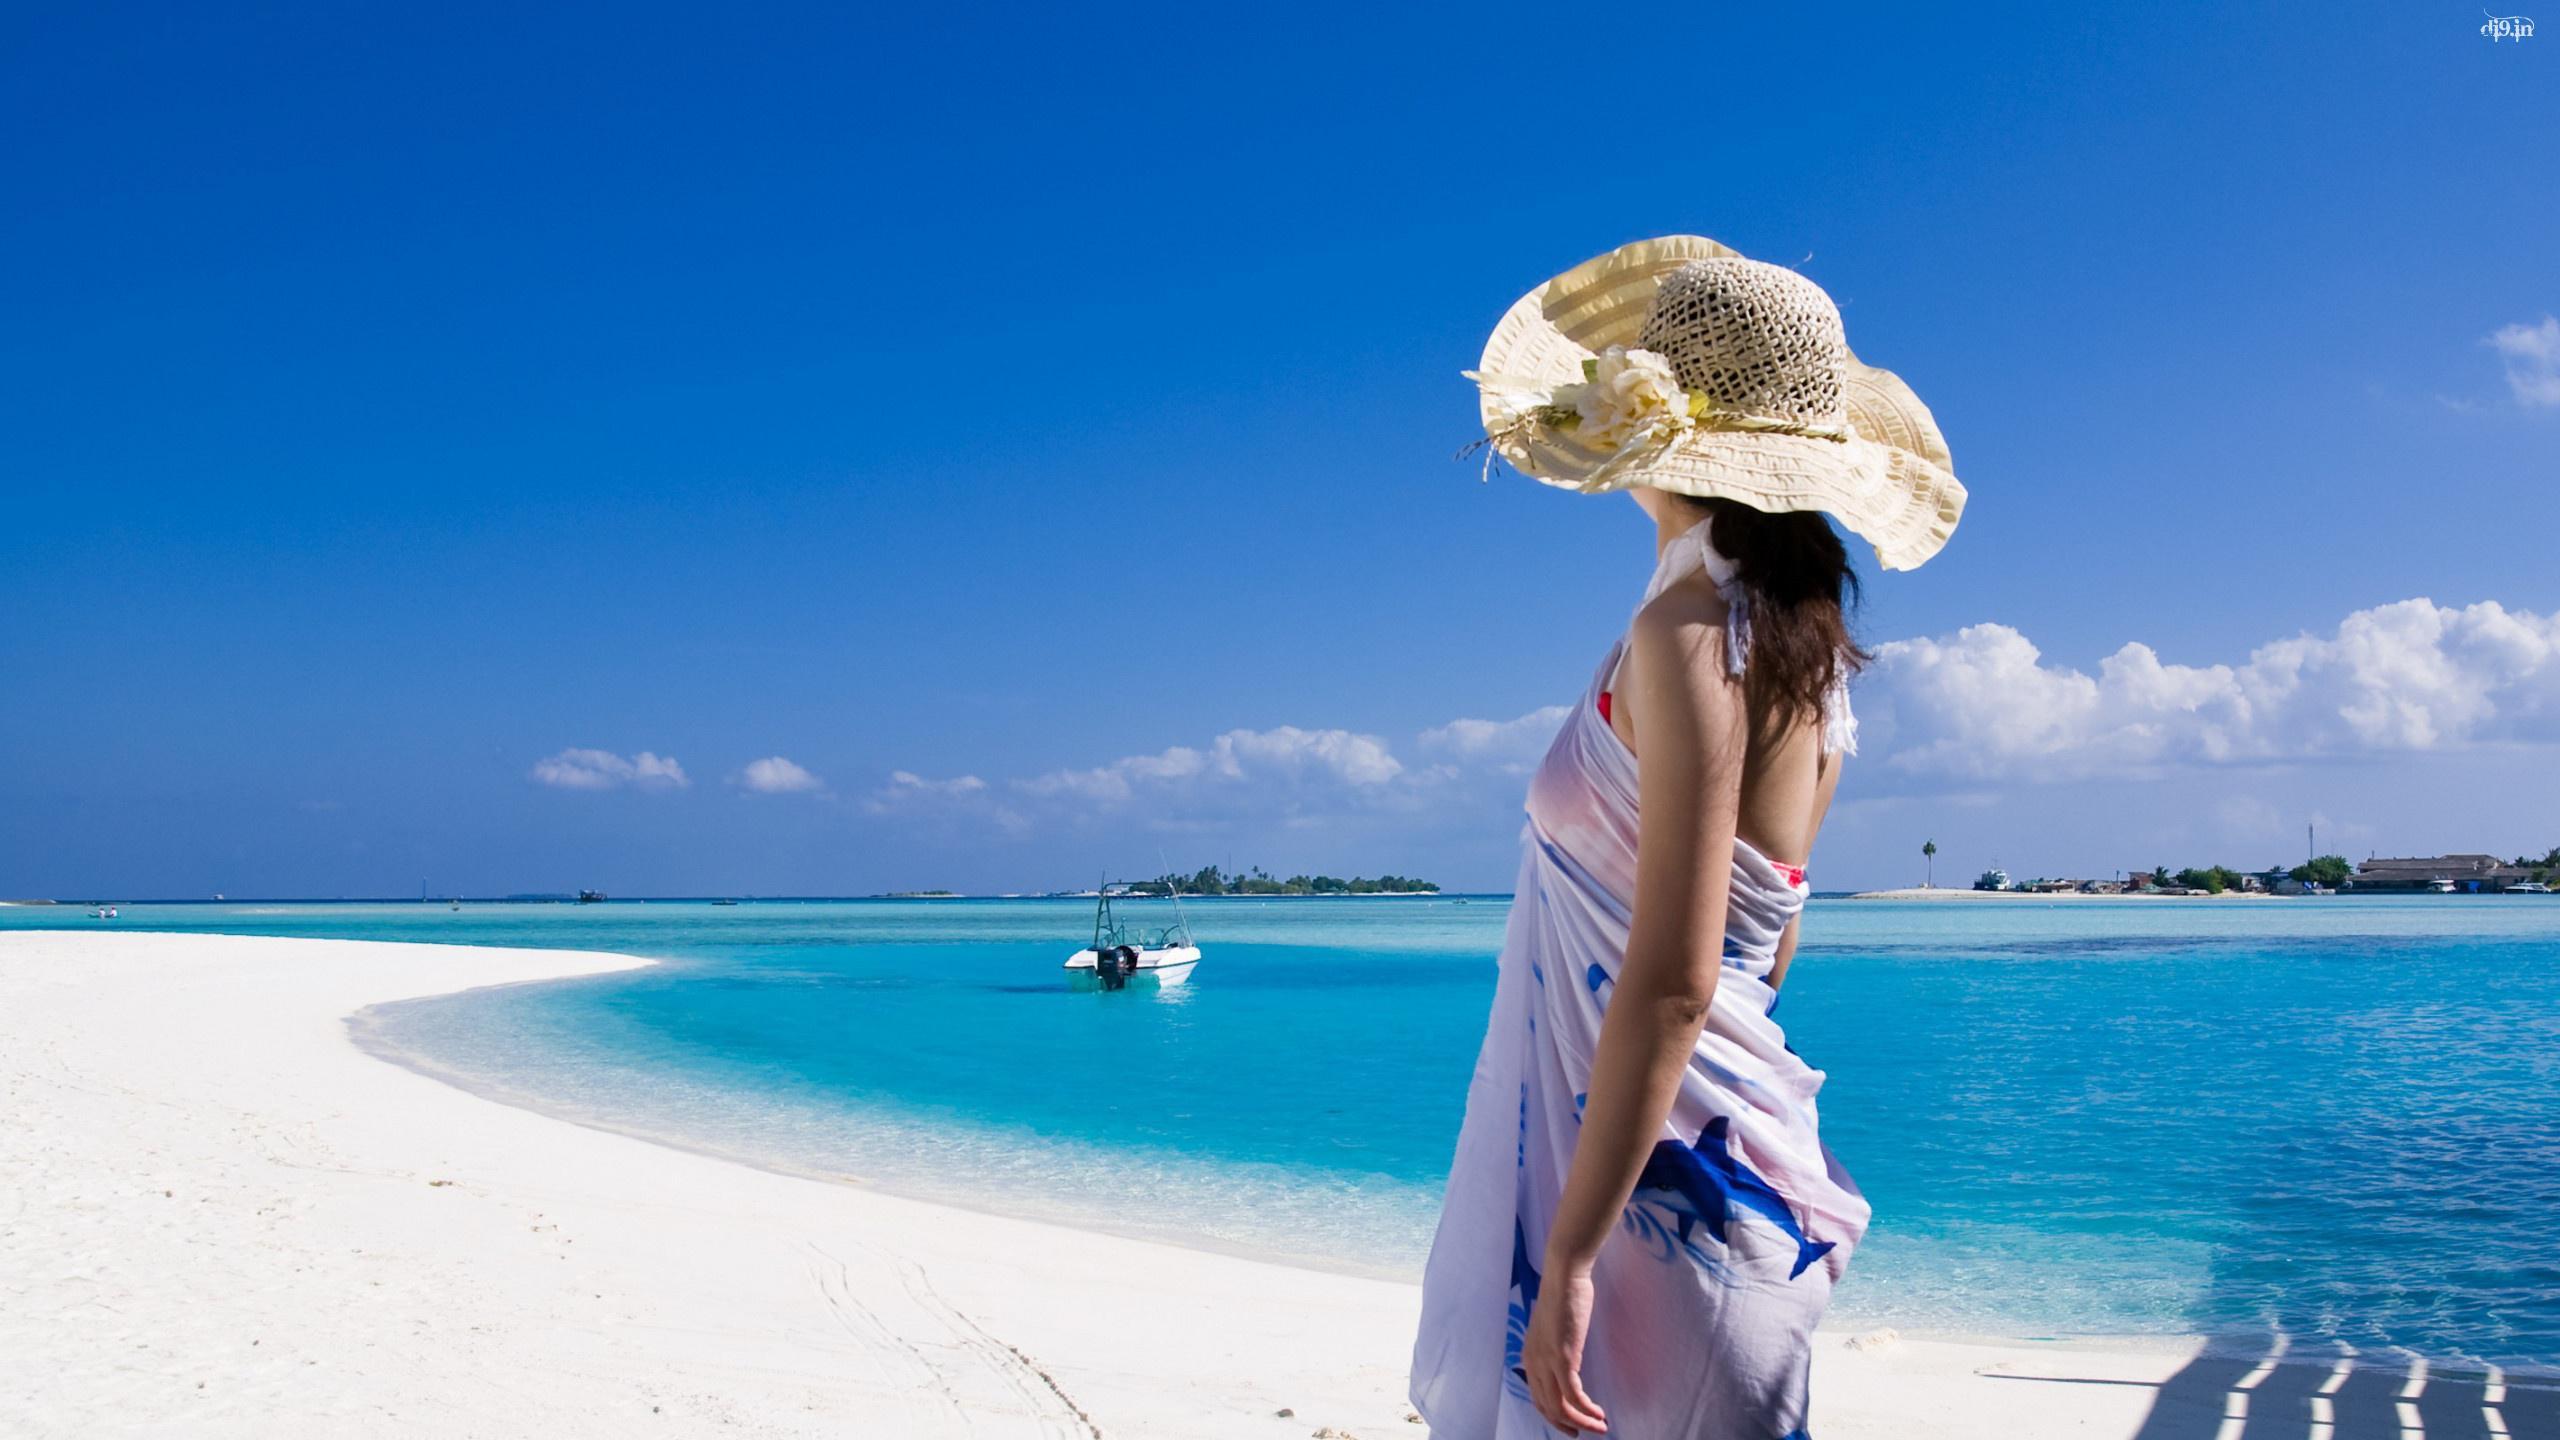 mauritius_beach-1532156